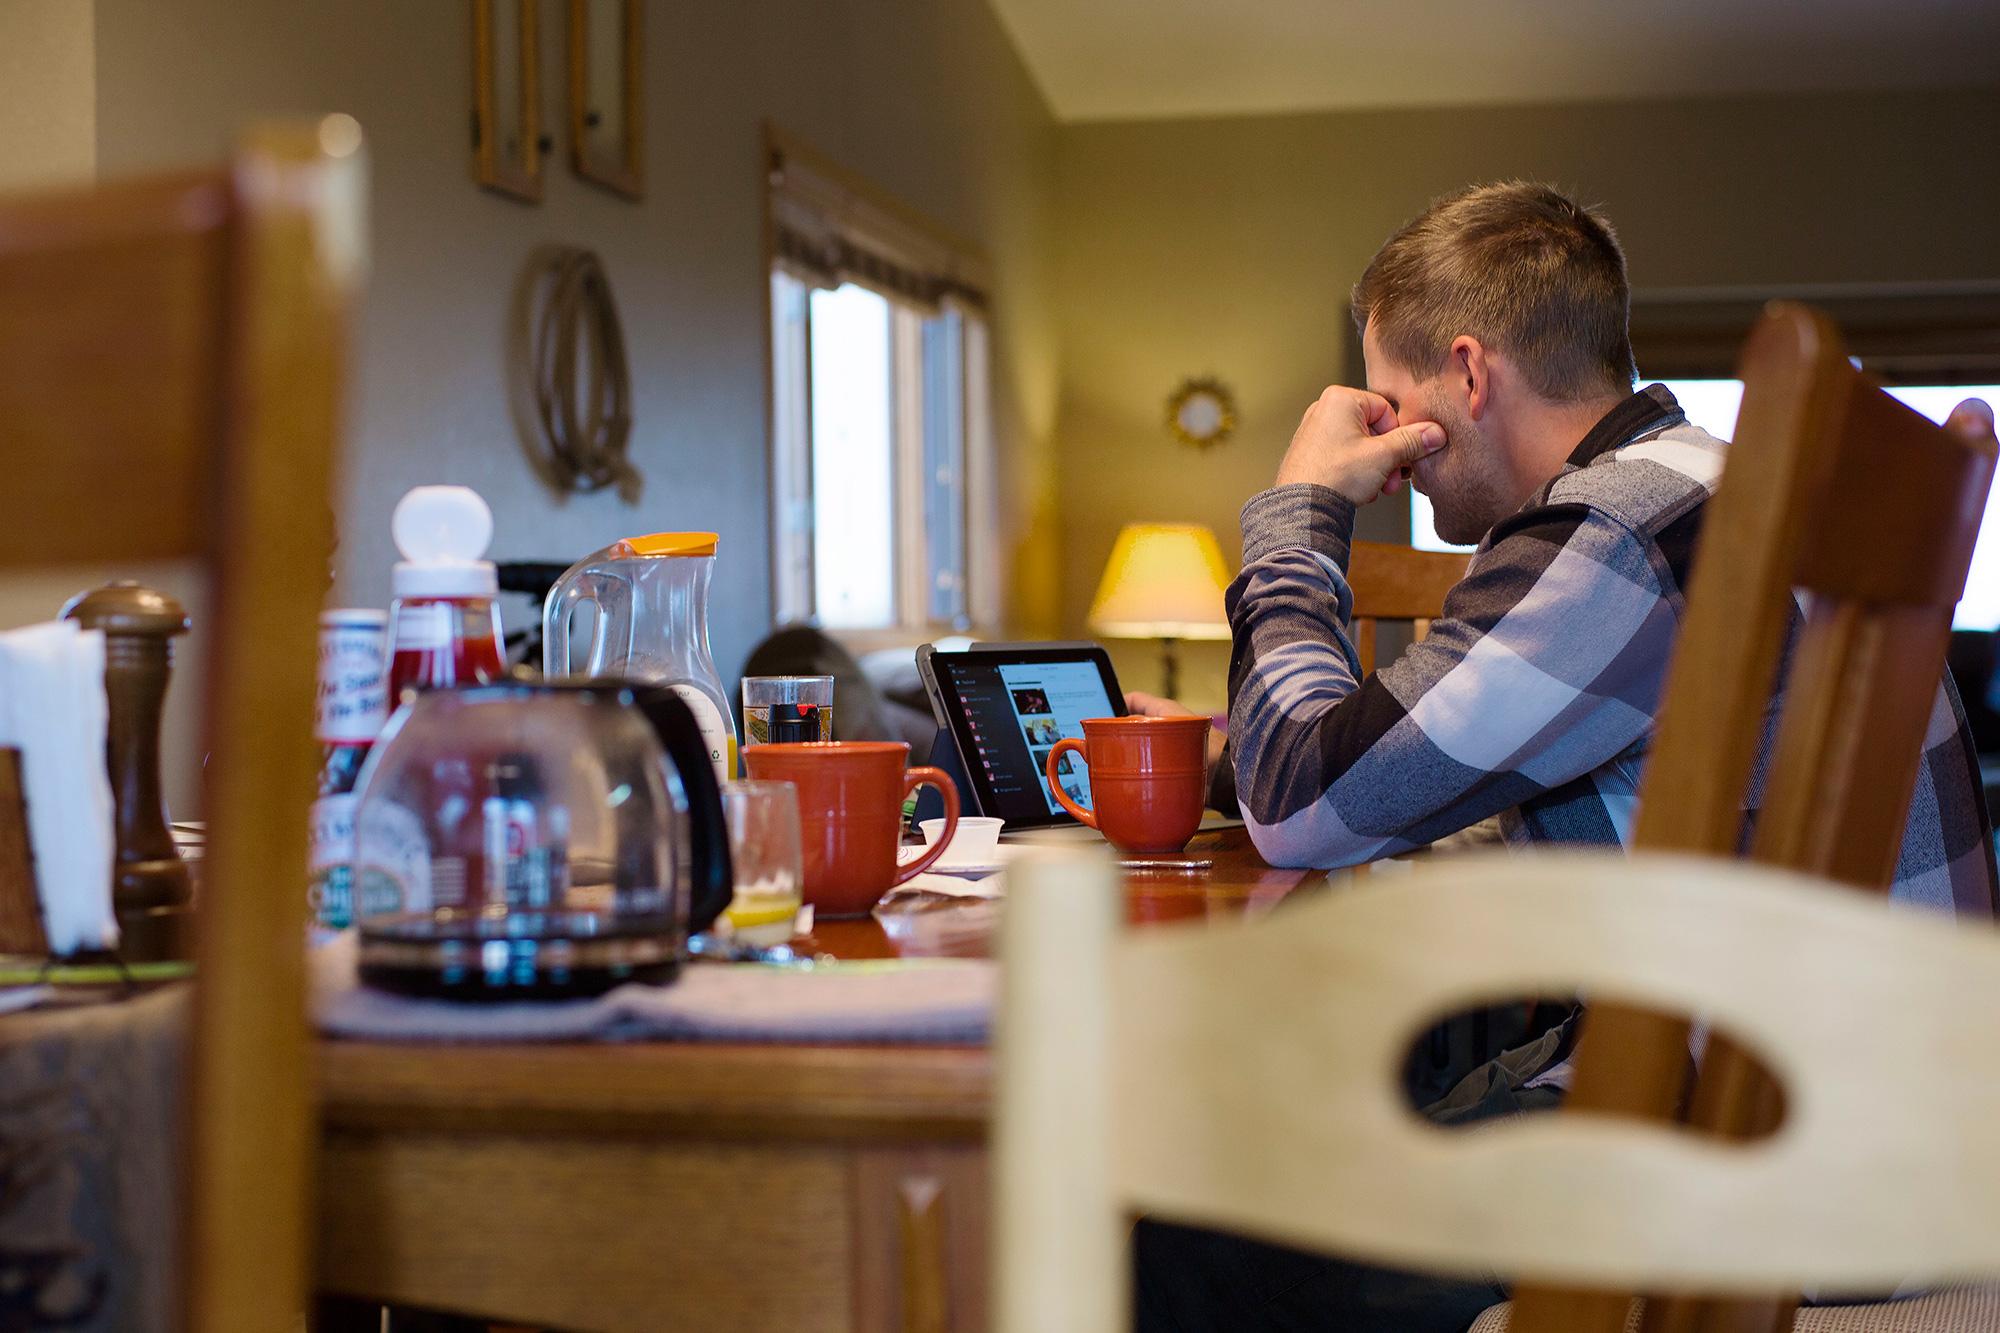 Magnor prøvde seg frem med digitale hjelpemidler. Foto: Åsmund Indrebø Næs